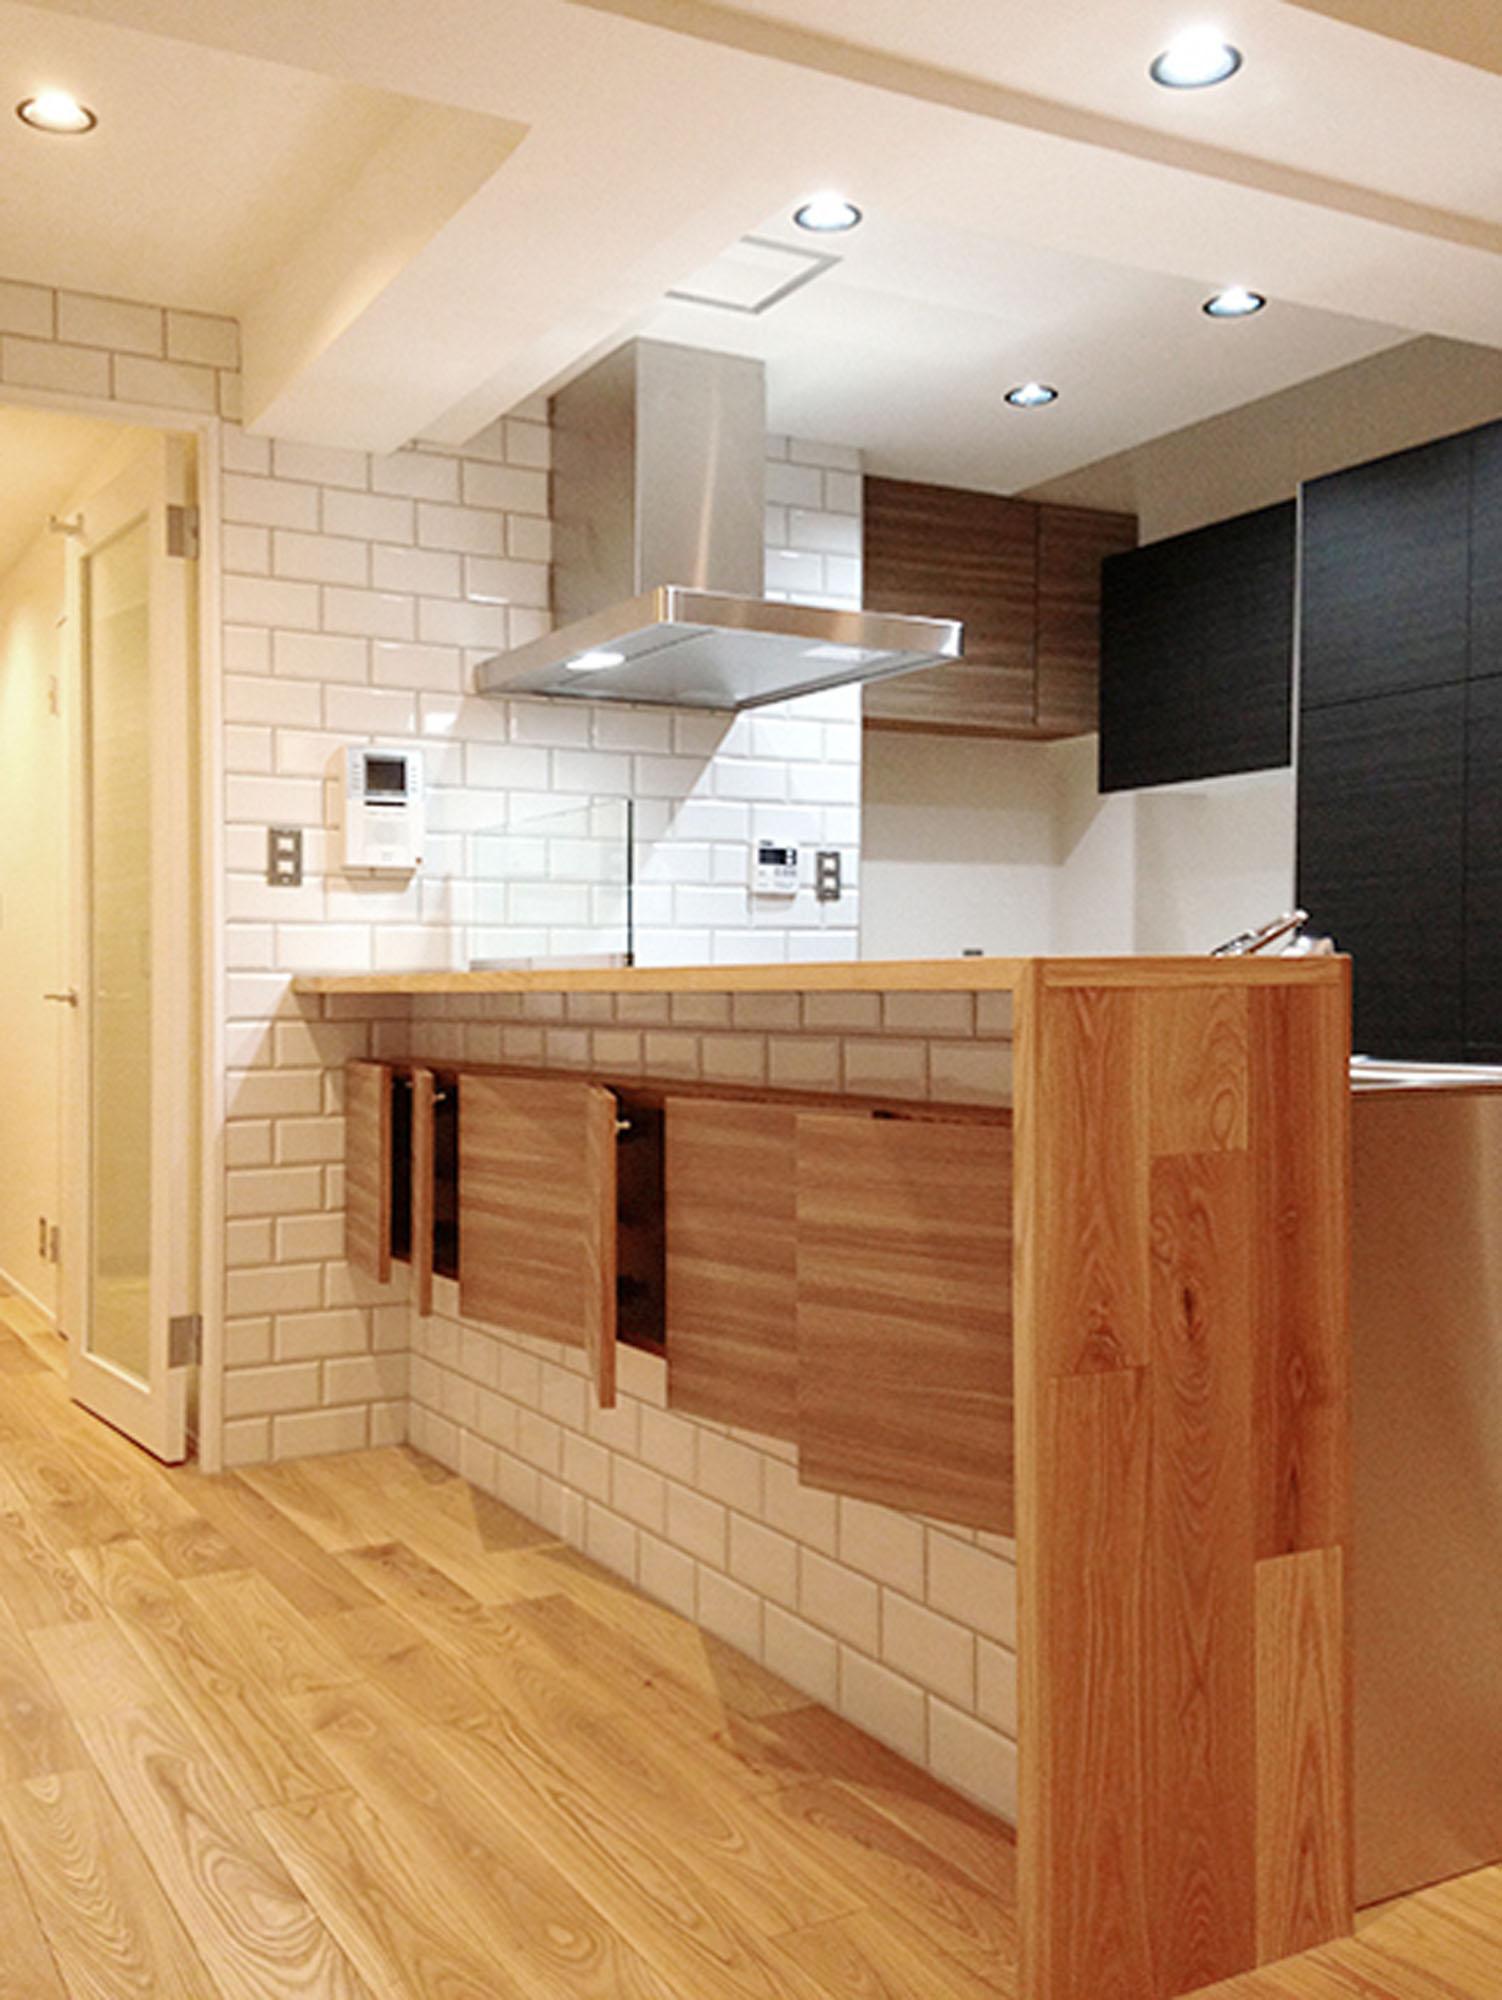 木と白いタイルのキッチン。の写真